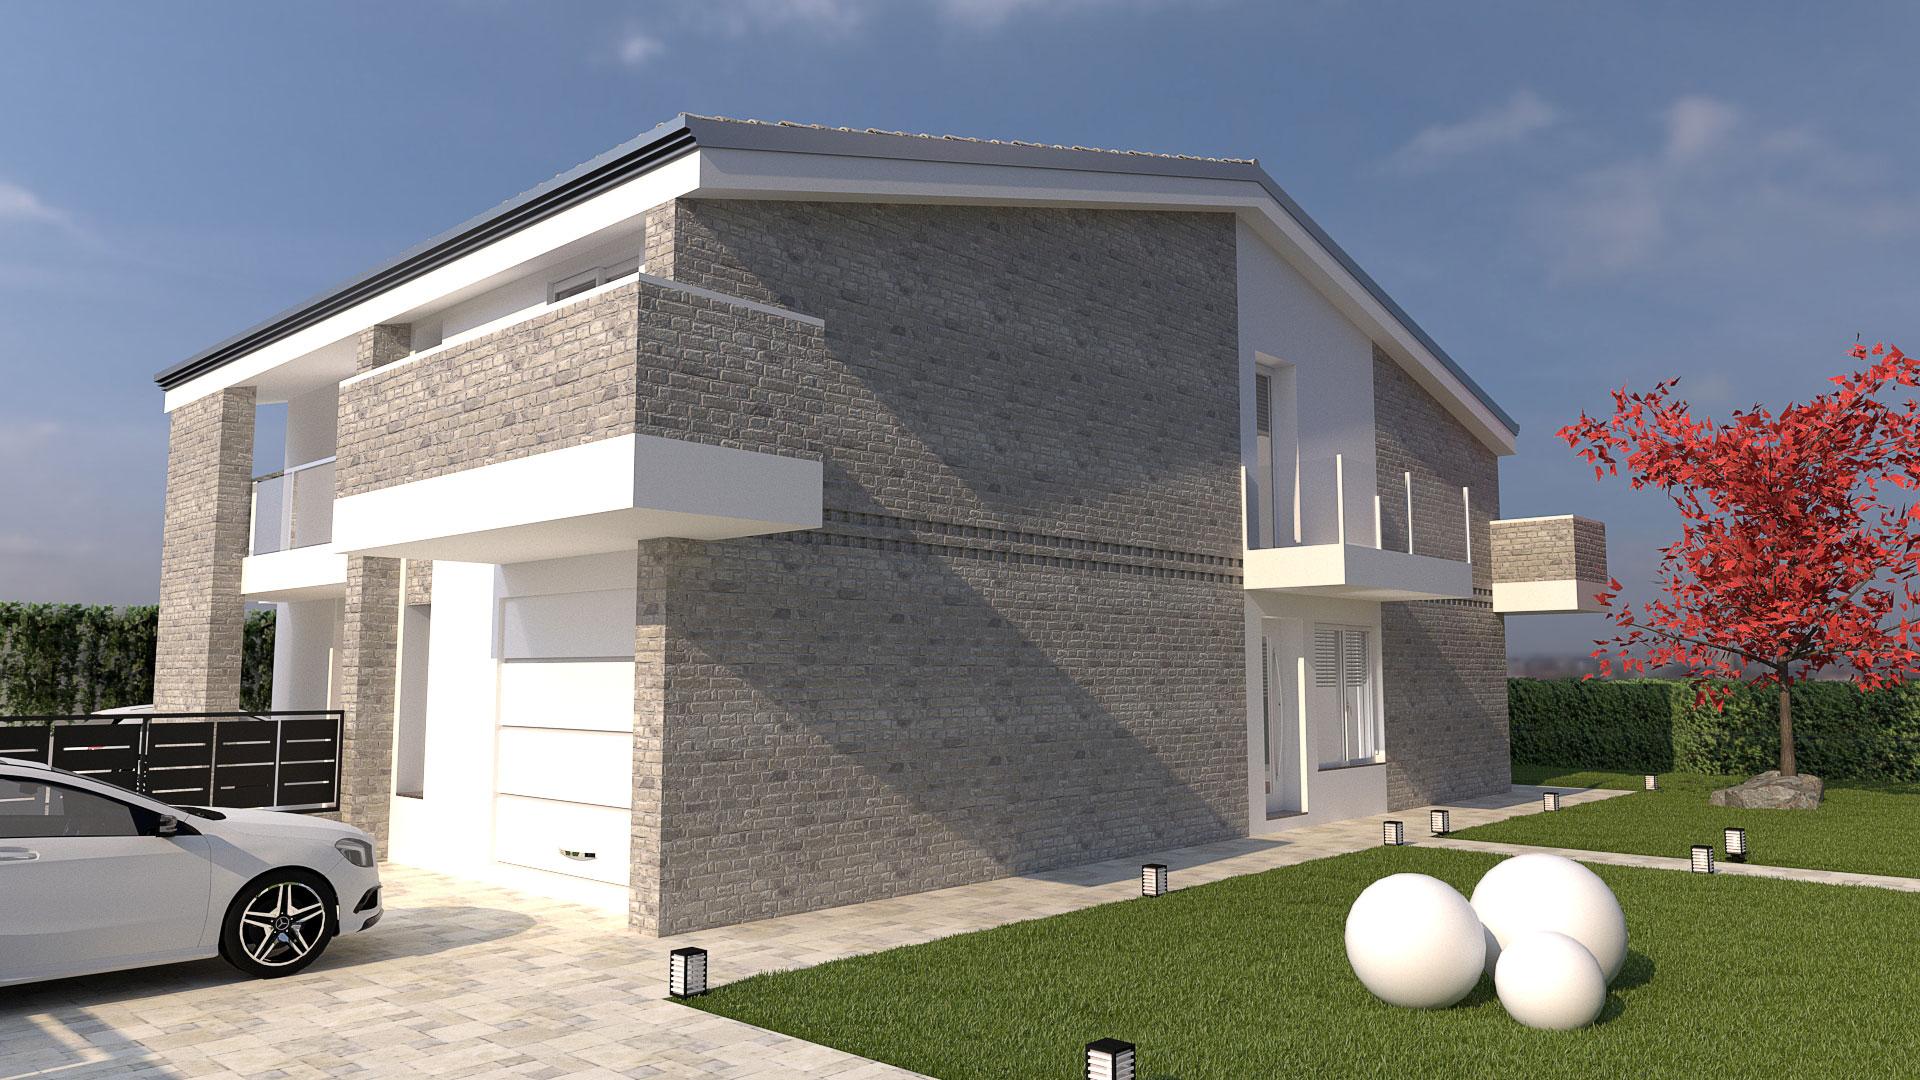 elia-mischiatti-ingegneria-architettura-rendering-villa-bifamiliare-02